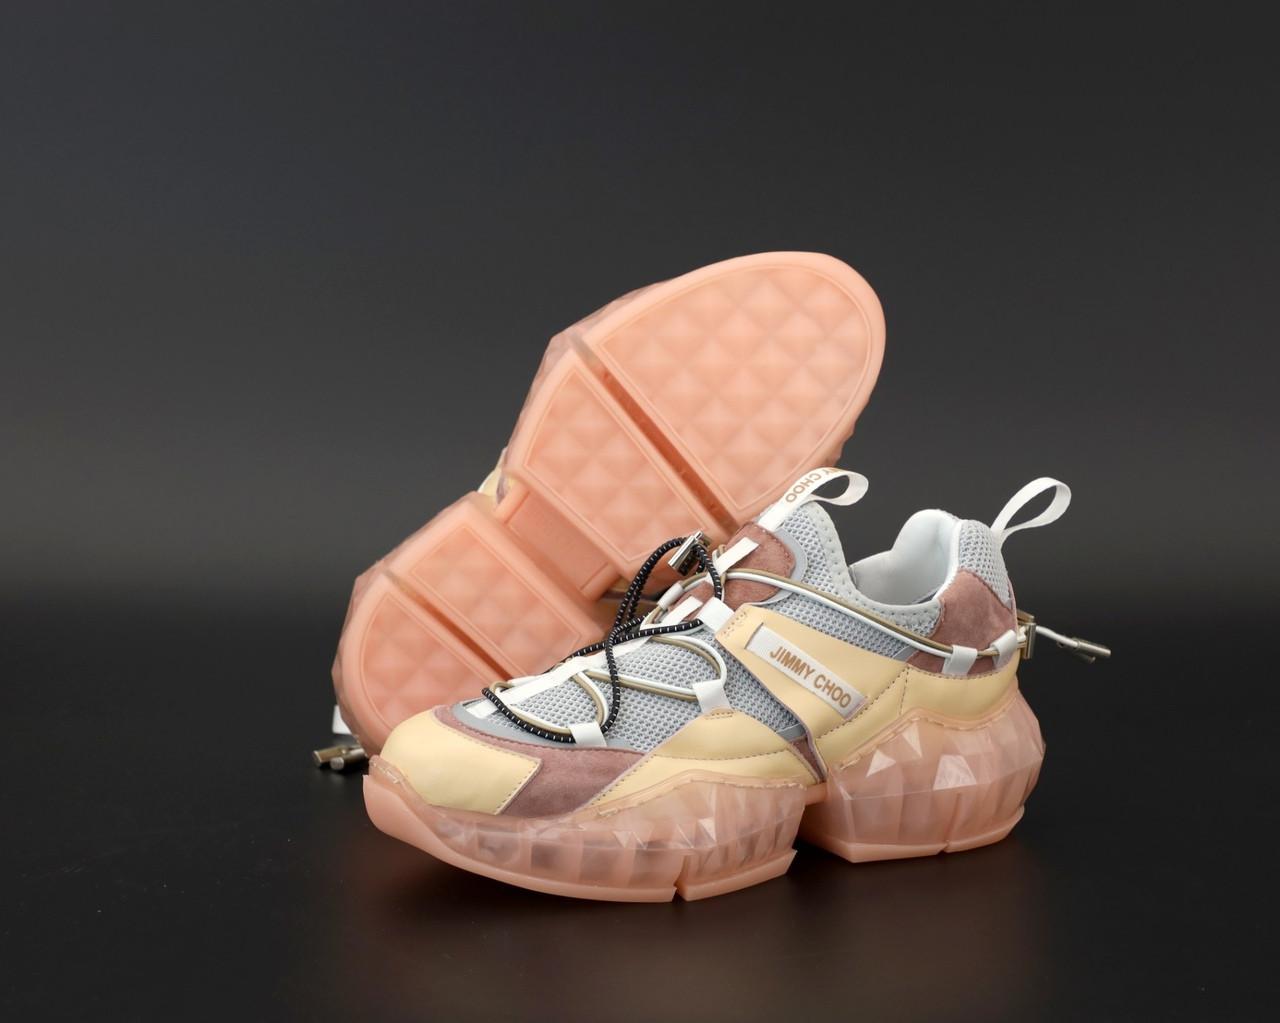 Женские кроссовки Jimmy Choo Diamond Trail Pink, женские кроссовки Джимми Чу, жіночі кросівки Jimmy Choo